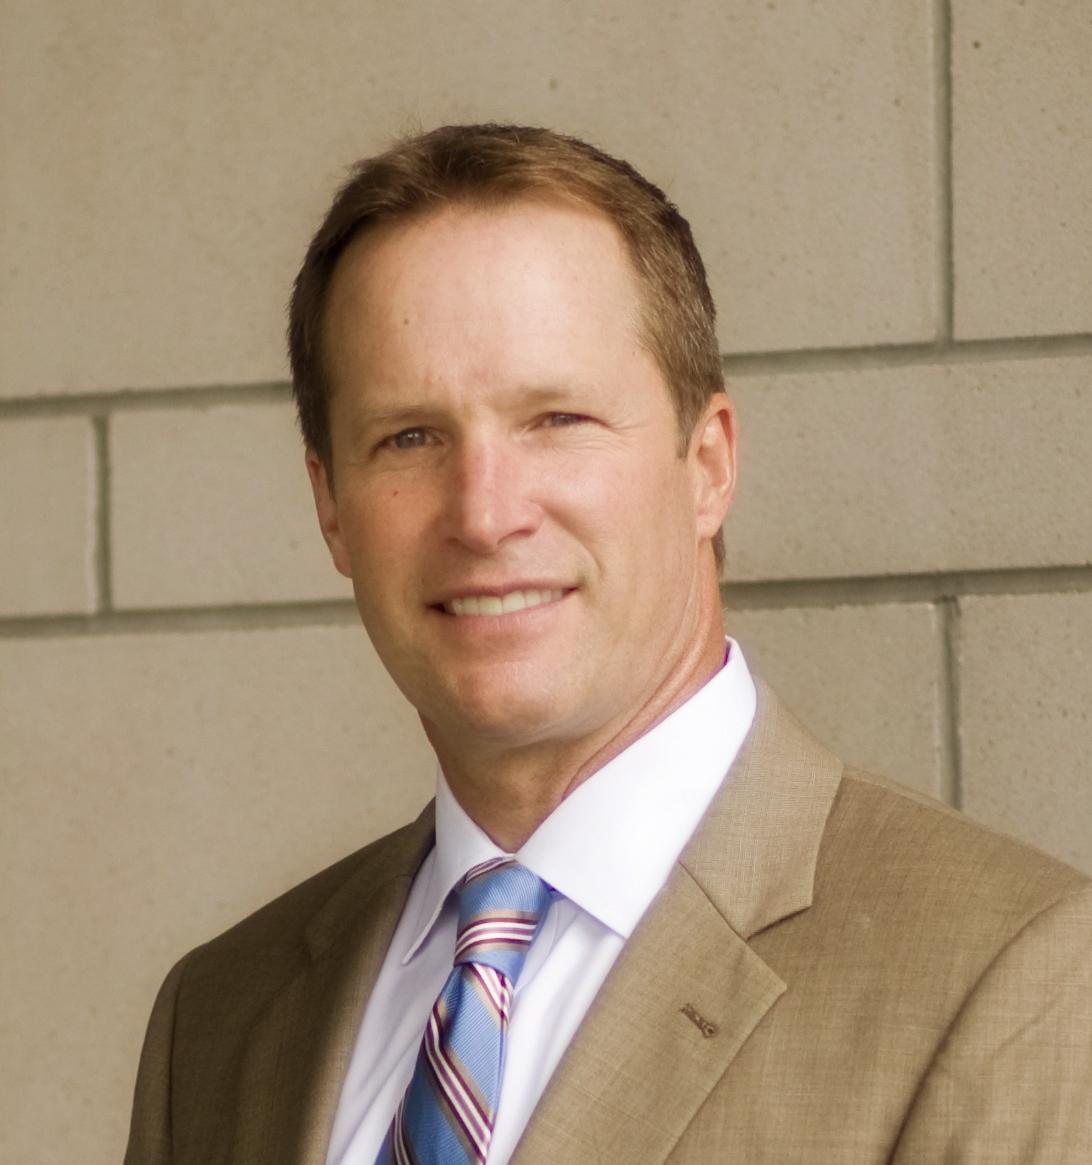 Greg Gundlach